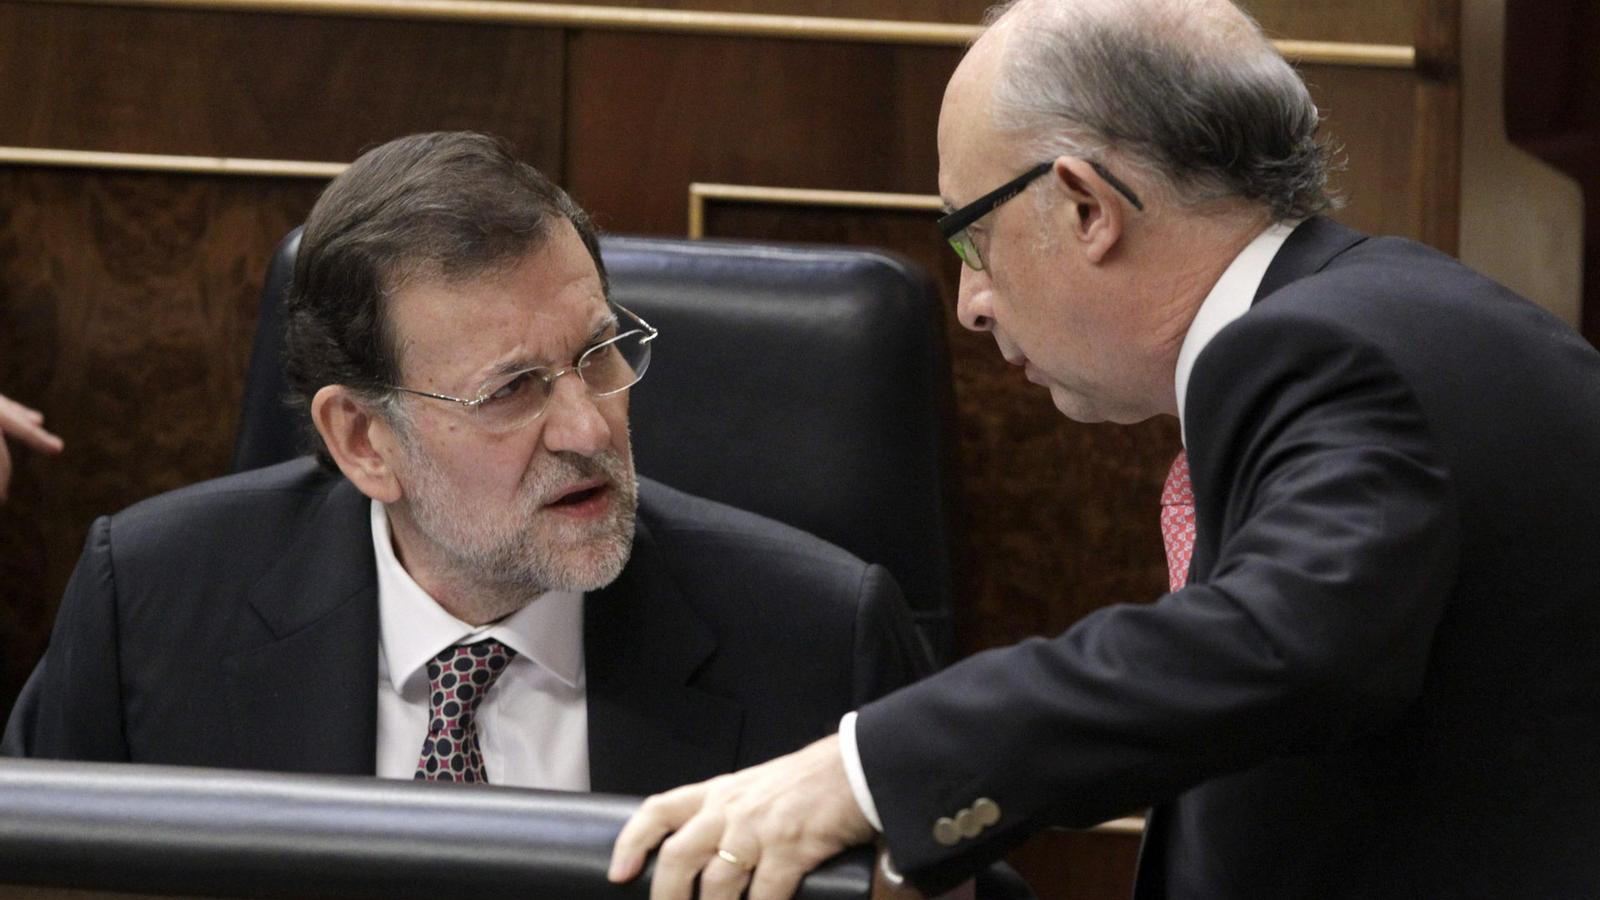 ACORD LLUNYÀ  Mariano Rajoy, acompanyat del ministre d'Hisenda i Administracions Públiques, Cristóbal Montoro, vol enllestir de pressa la reforma local. De moment, però, topa amb la resistència del PSOE i del món municipal. L'executiu del PP s'ha compromès a respectar la llei catalana de governs locals en matèria de competències.